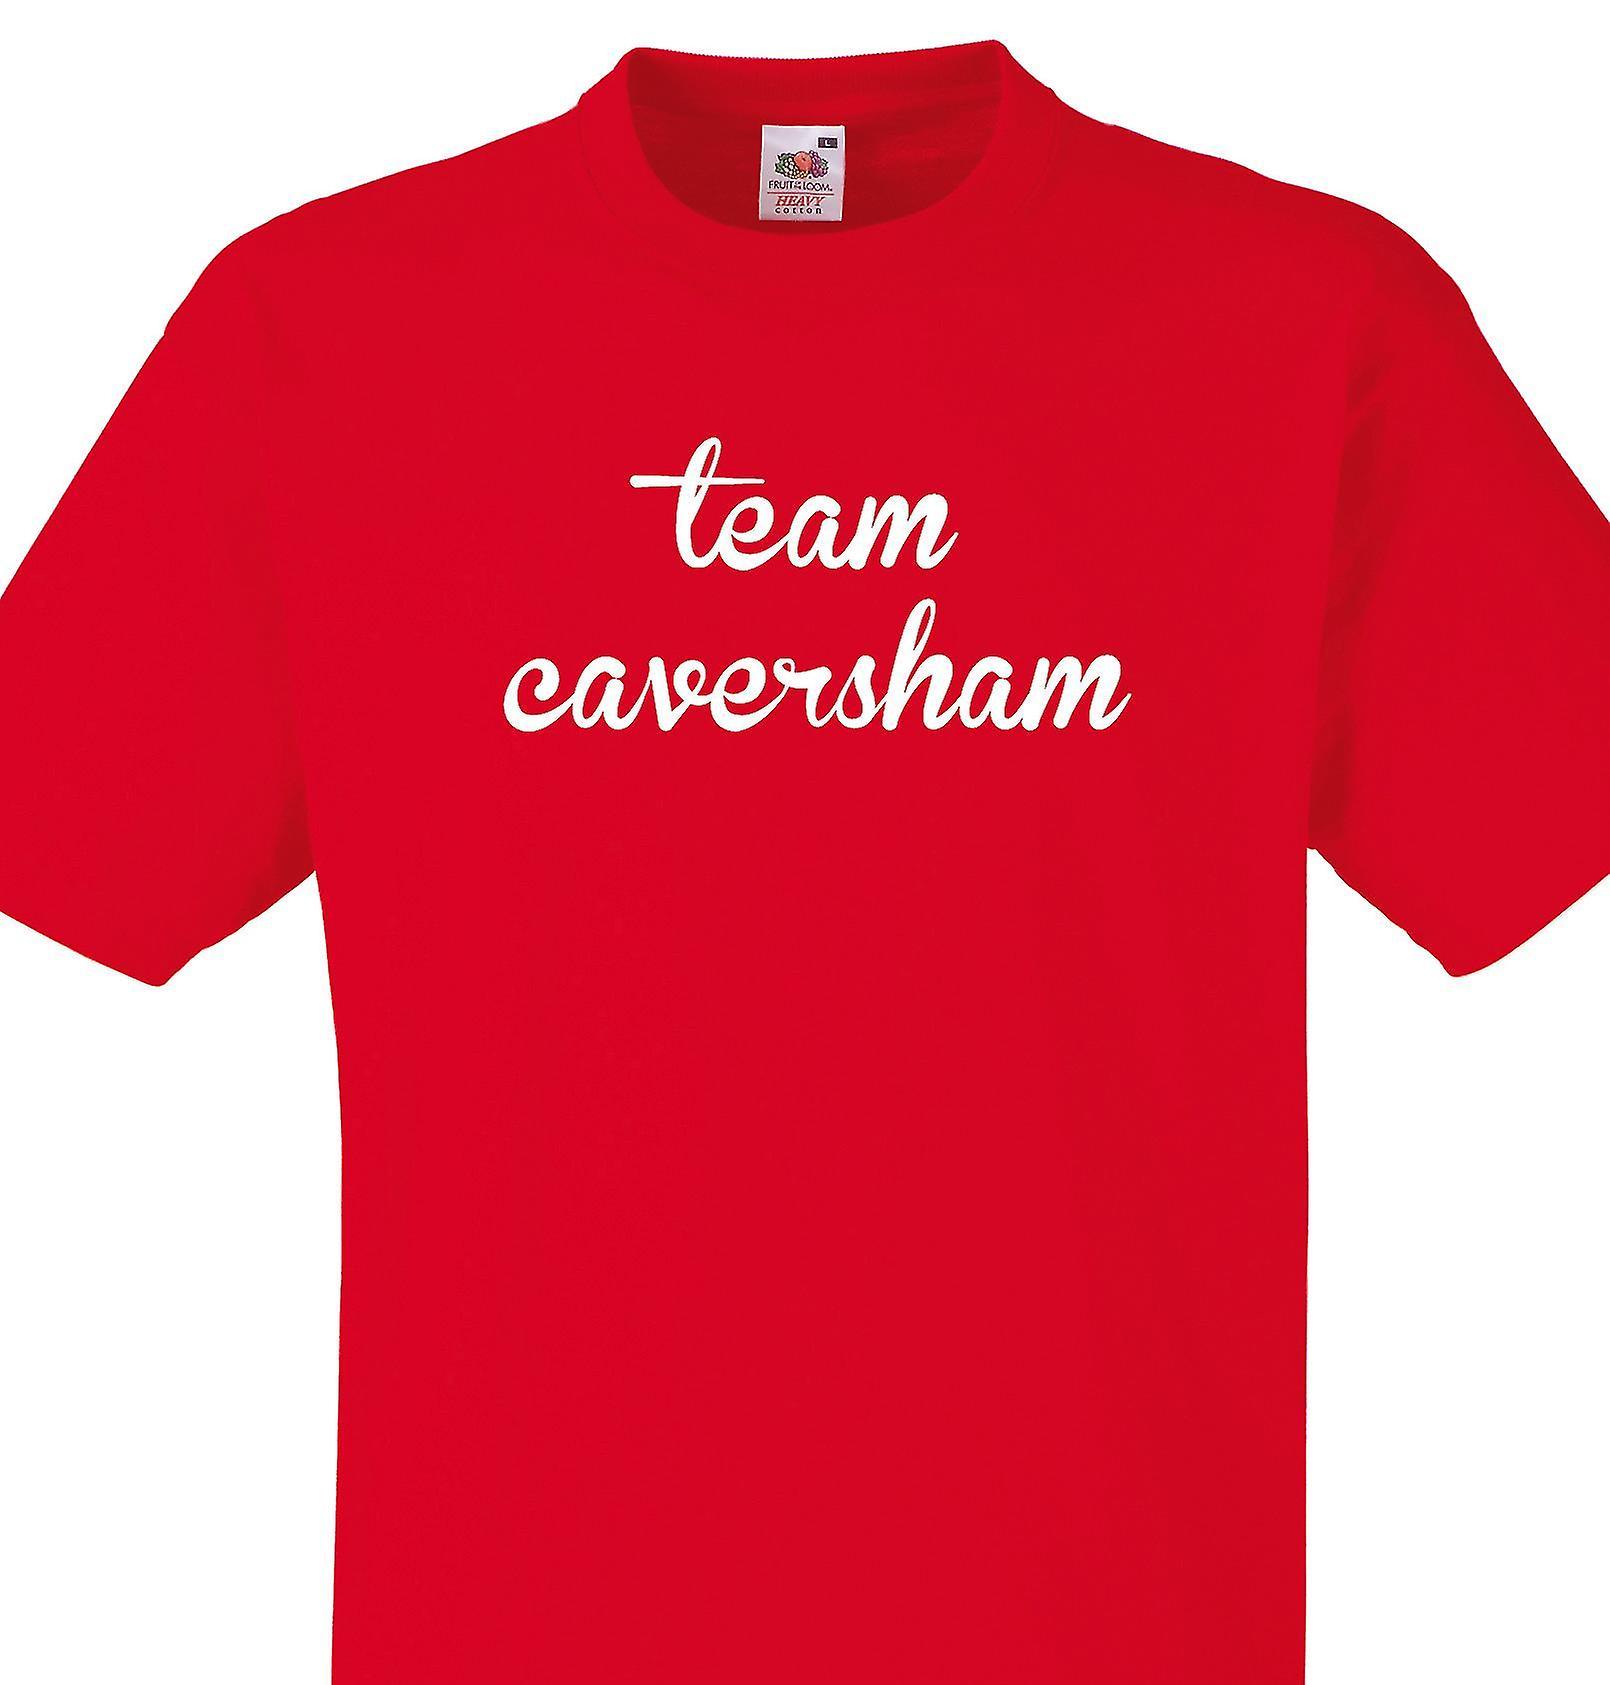 Team Caversham Red T shirt